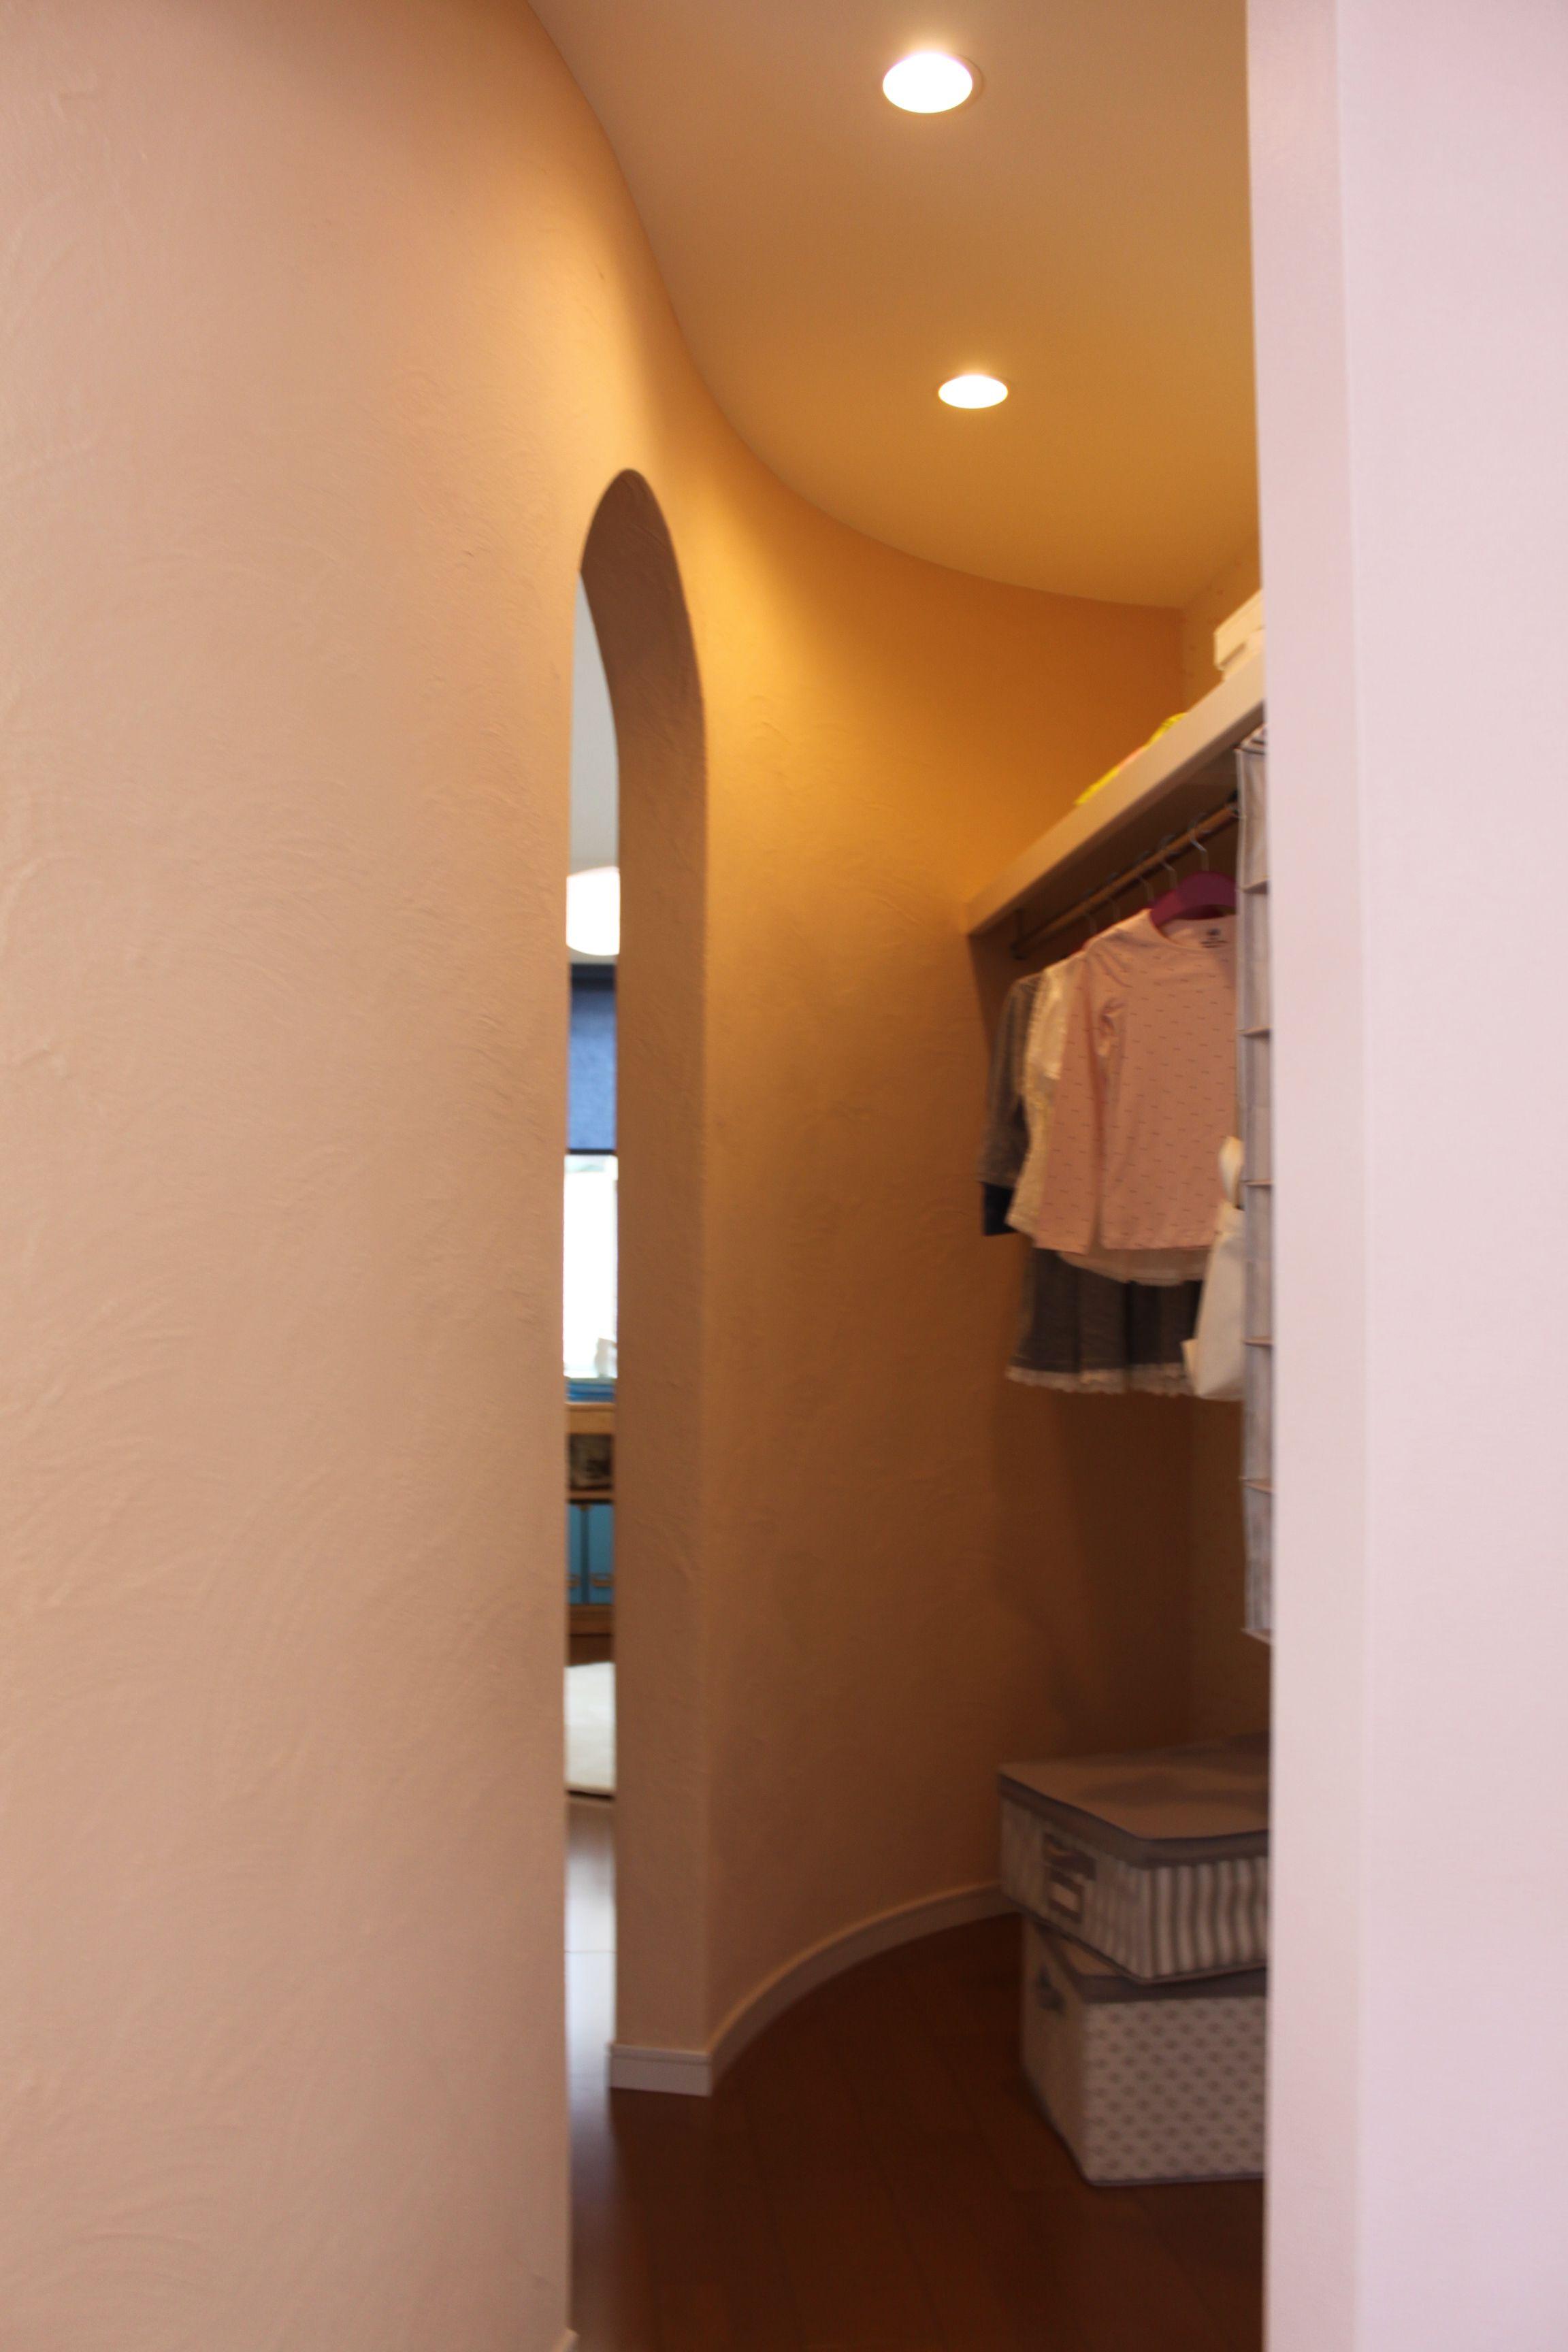 2つの子ども部屋の間にあるのが、曲線の壁が特徴的なウォークインクローゼット。部屋と部屋を行き来するやわらかな曲線のある入口もおしゃれ。